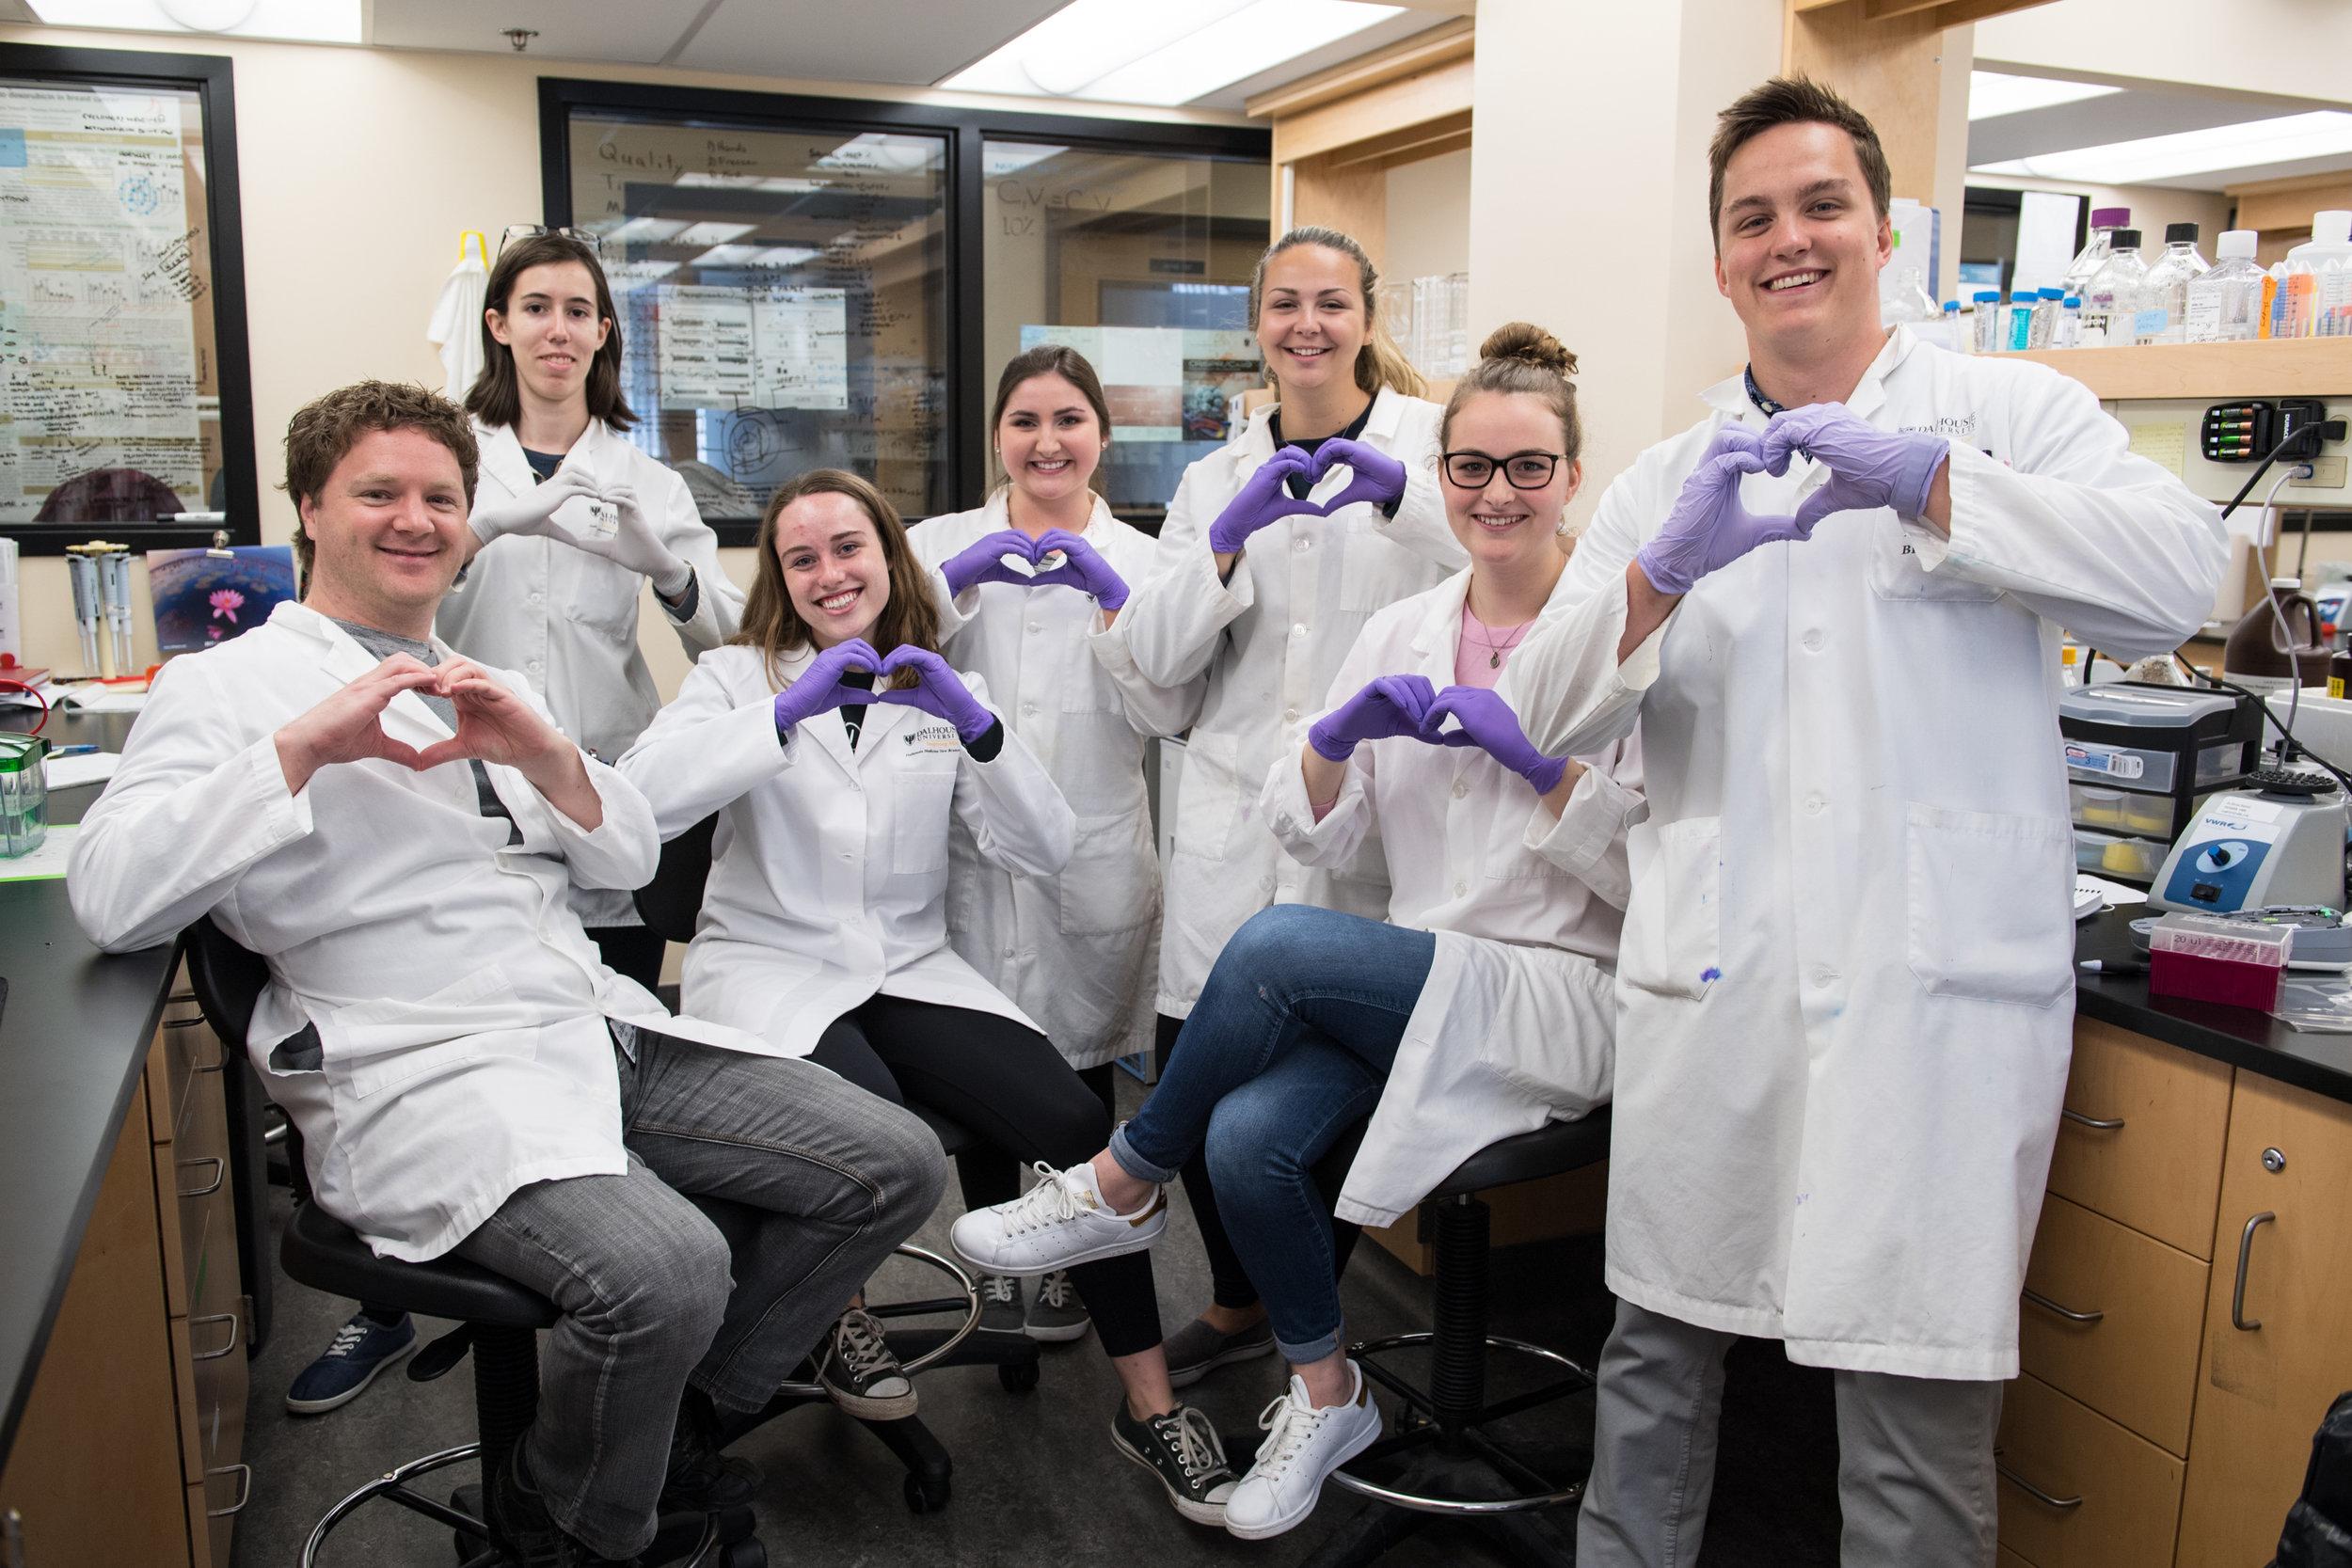 The IMPART lab team at Dalhousie Medicine New Brunswick